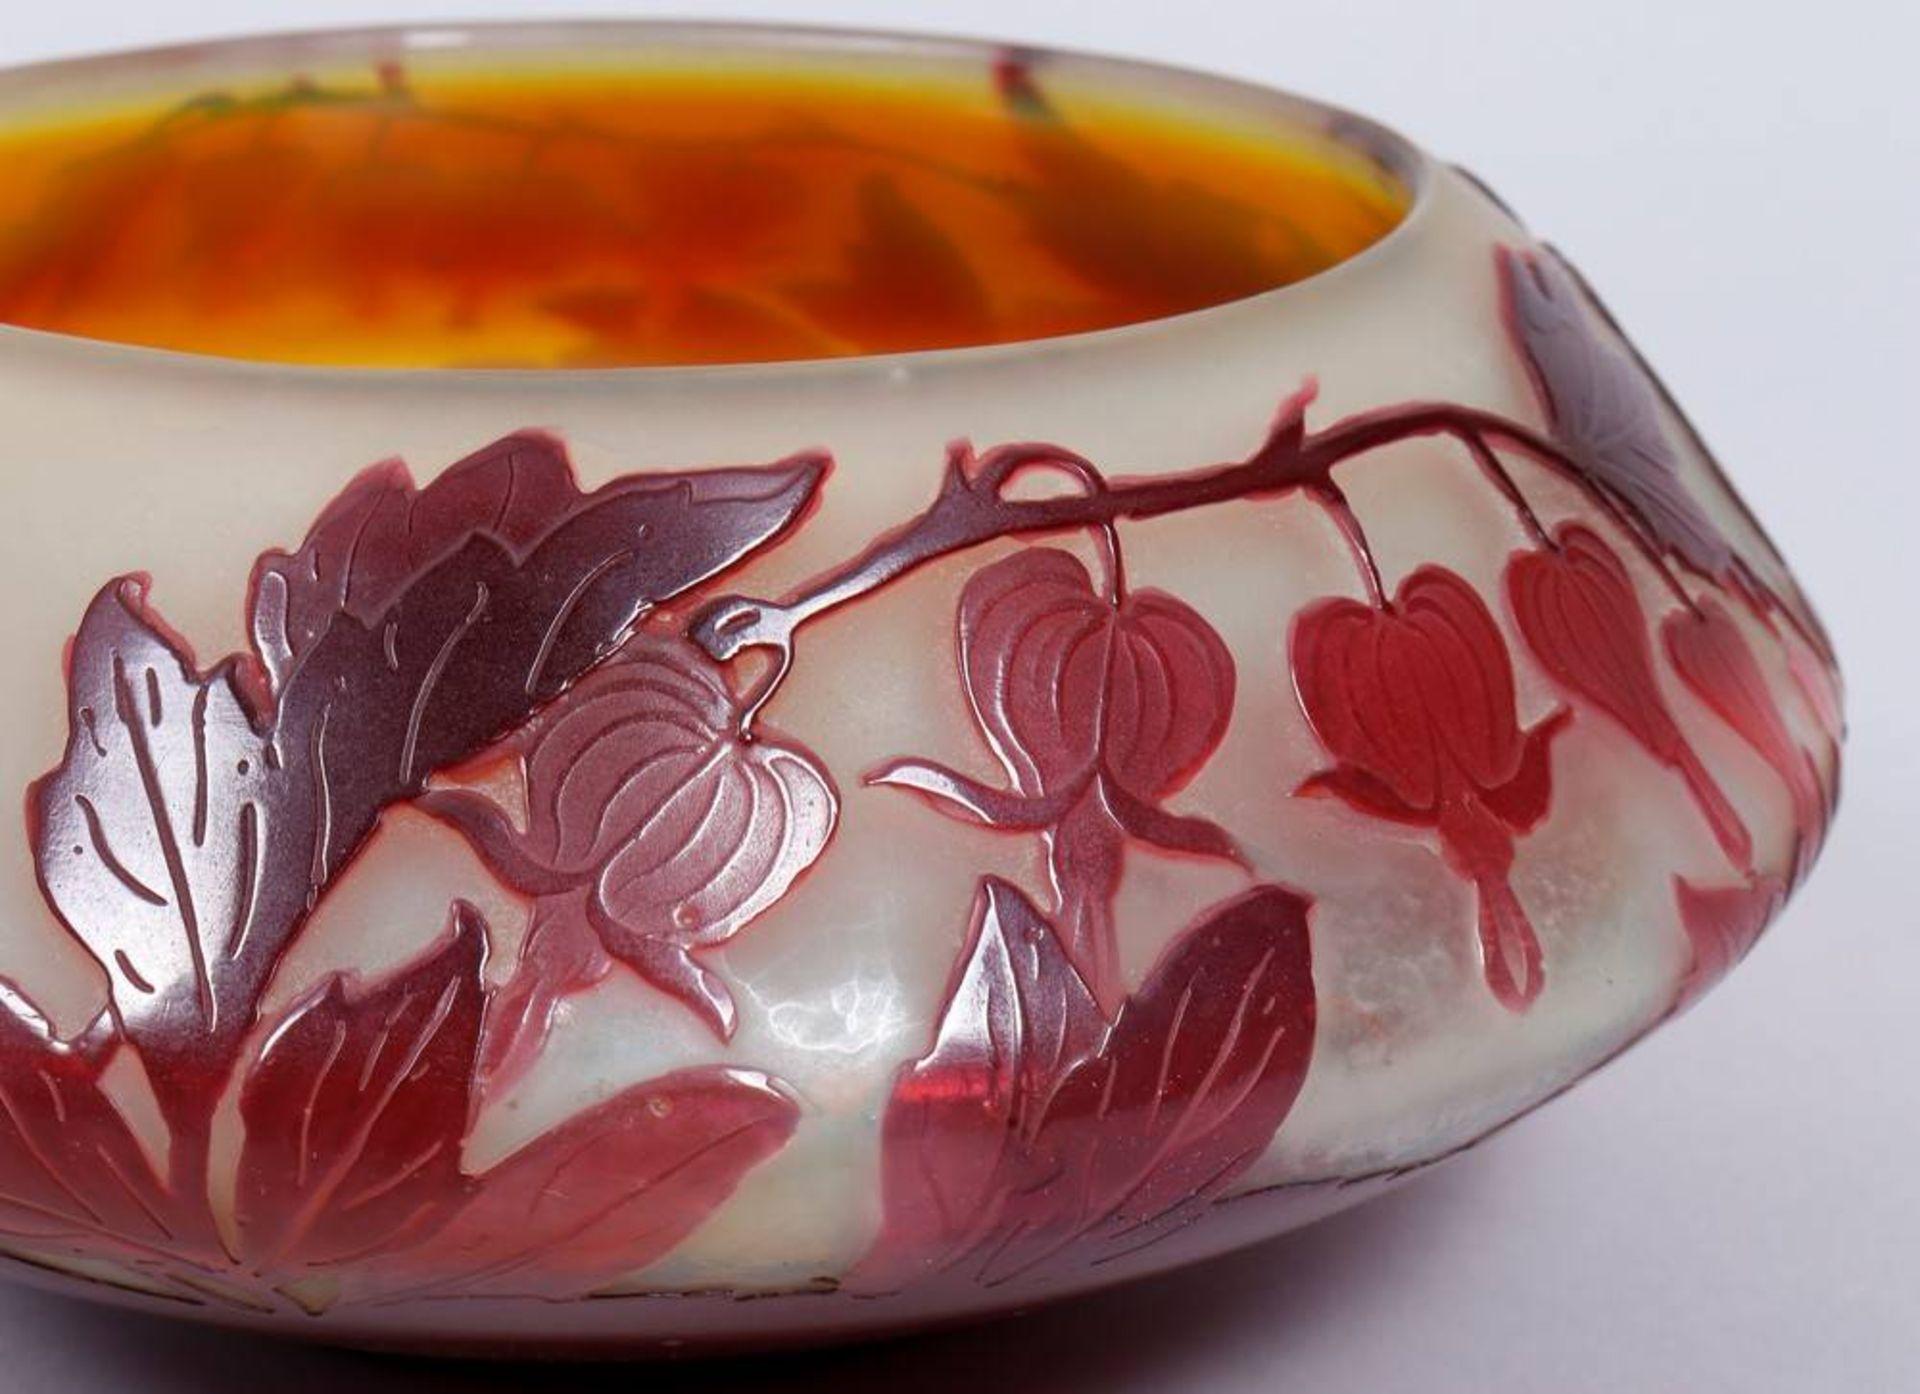 Art Nouveau bowl, Émile Gallé (1846-1904), Nancy, ca. 1900 - Image 3 of 4